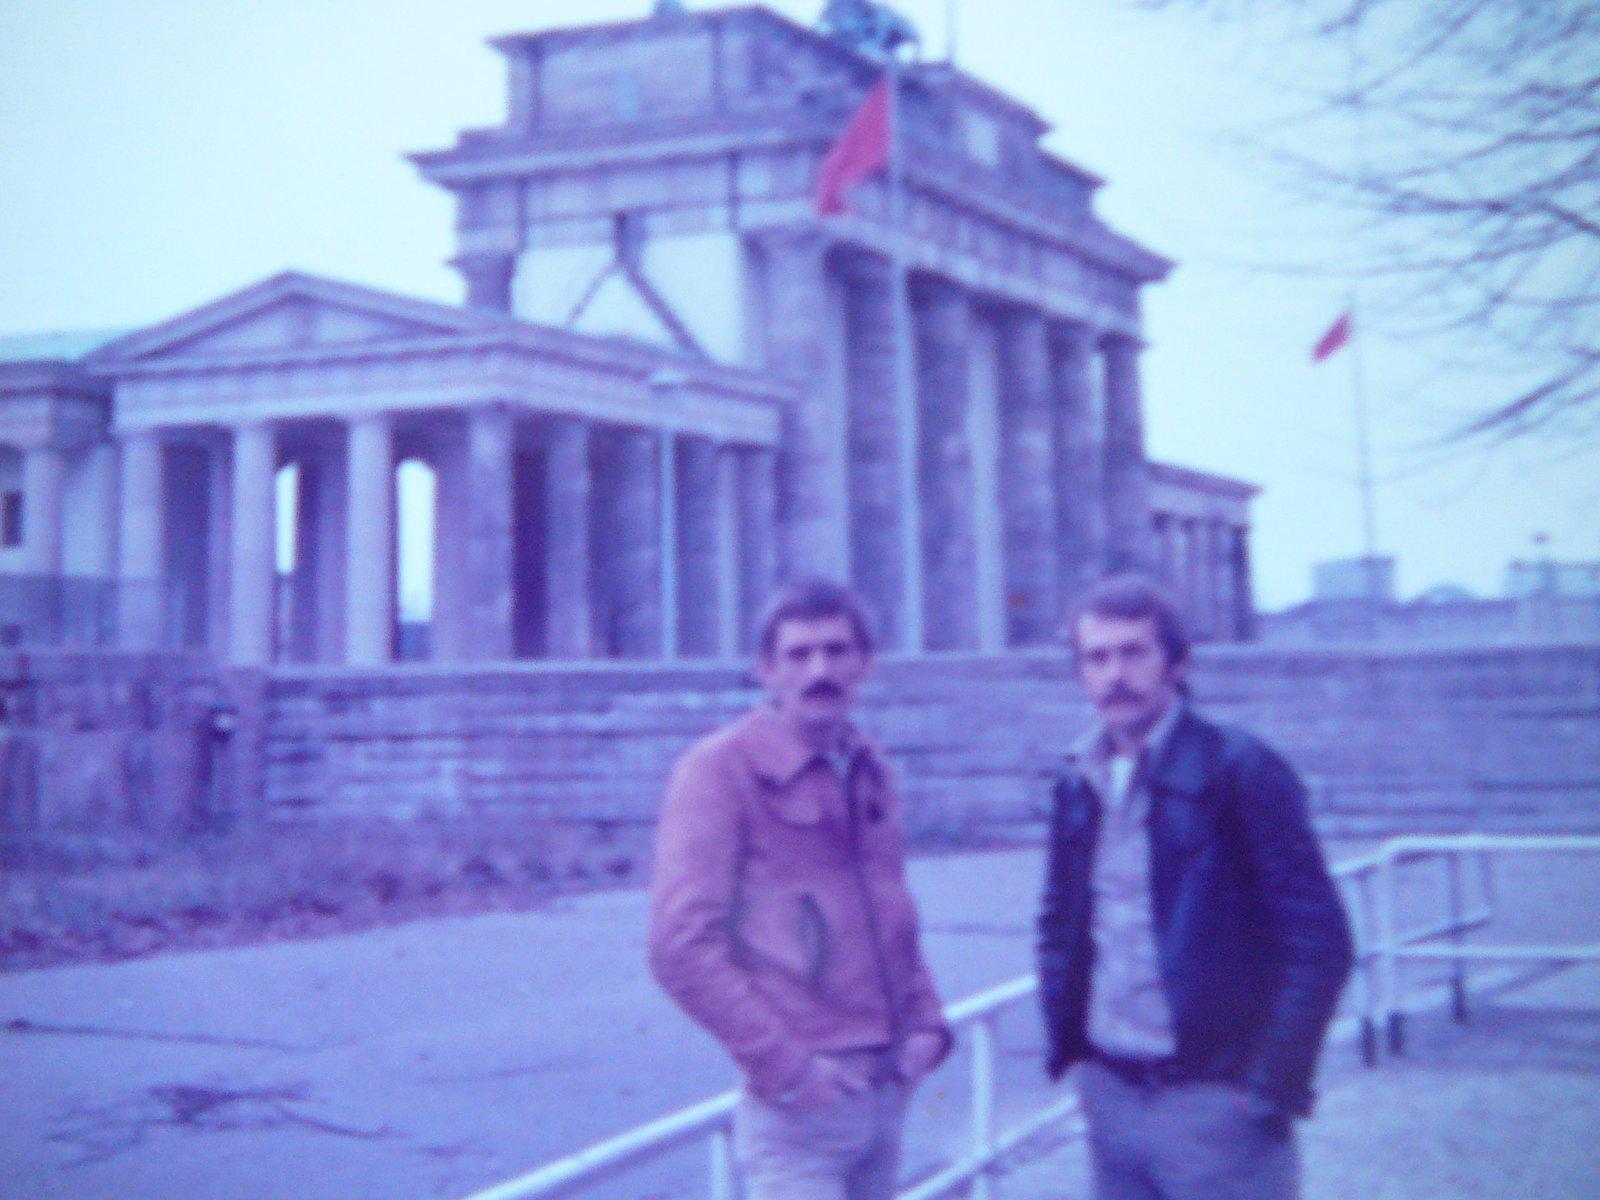 Johan-Wiersma-R-Otto-Hoekstral-rond-1980-voor-de-Brandenburger-Tor--Door-mijn-werk-stond-ik-soms-aan-de-West-Berlijnse-kant-van-de-muur--en-de-volgende-dag-aan-de-Oost-Berlijnse-kant-van-de-muur